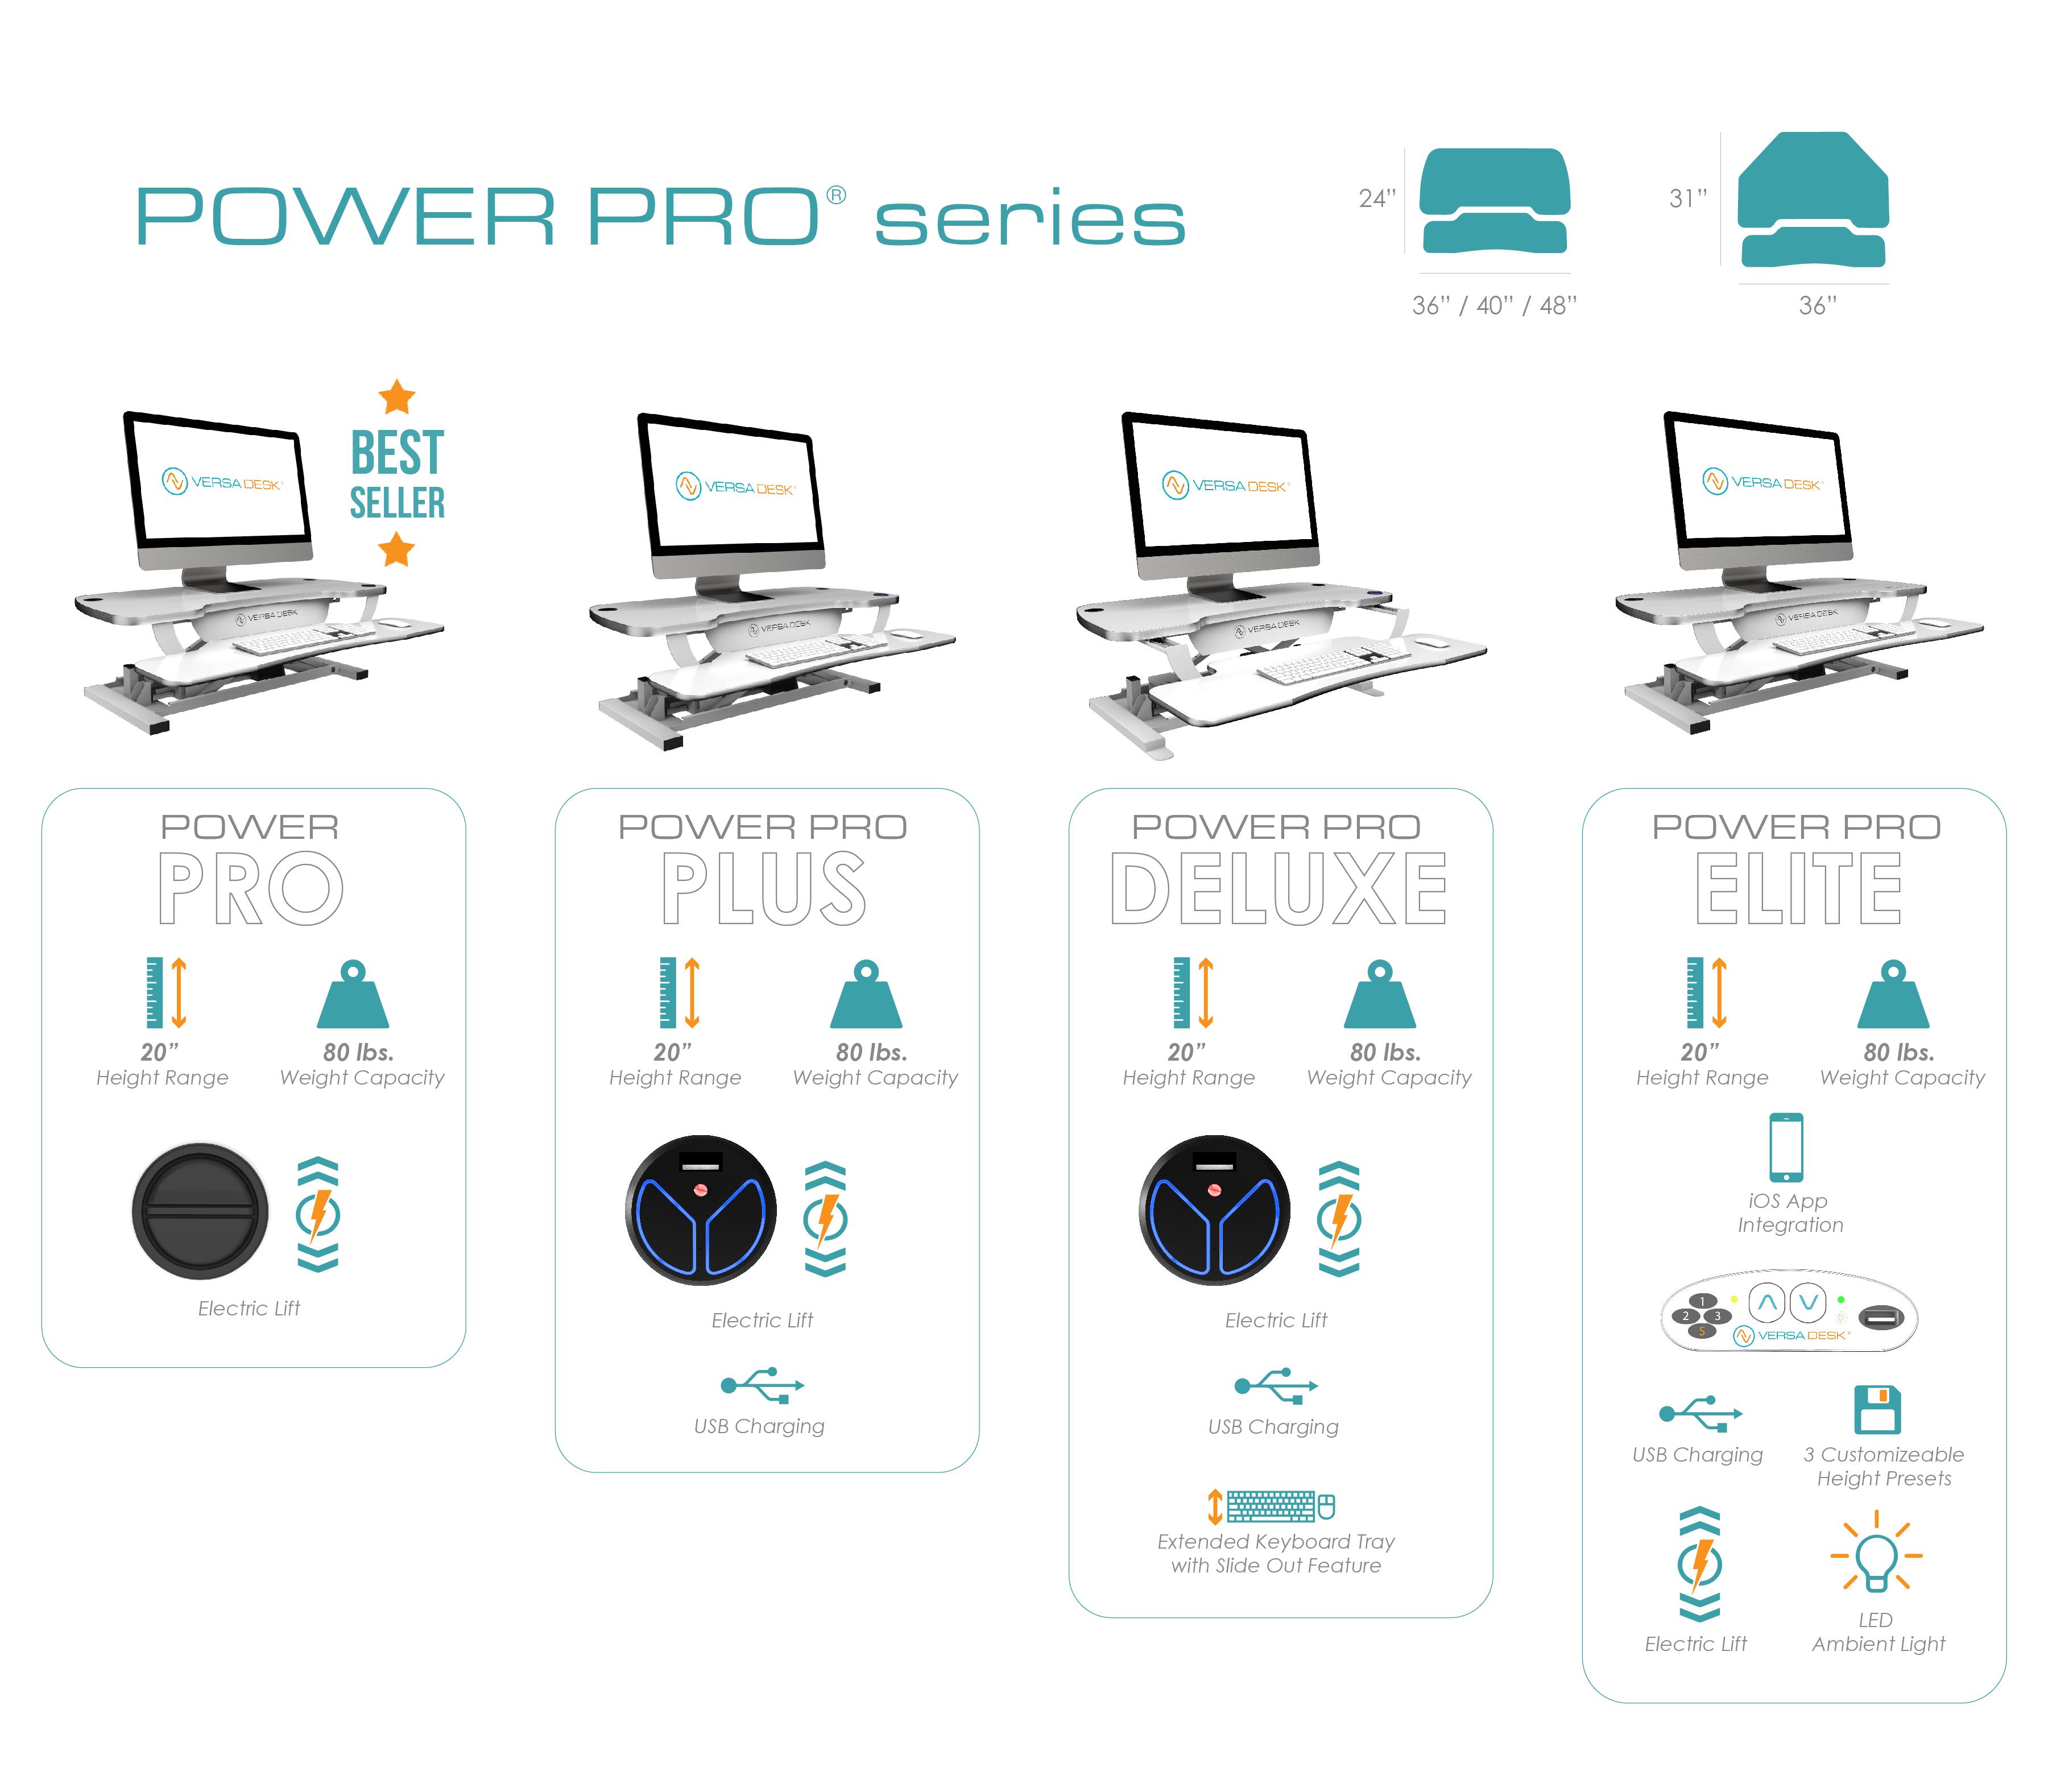 versadesk-desktoprisersbuyingguide-powerprov2-09.jpg